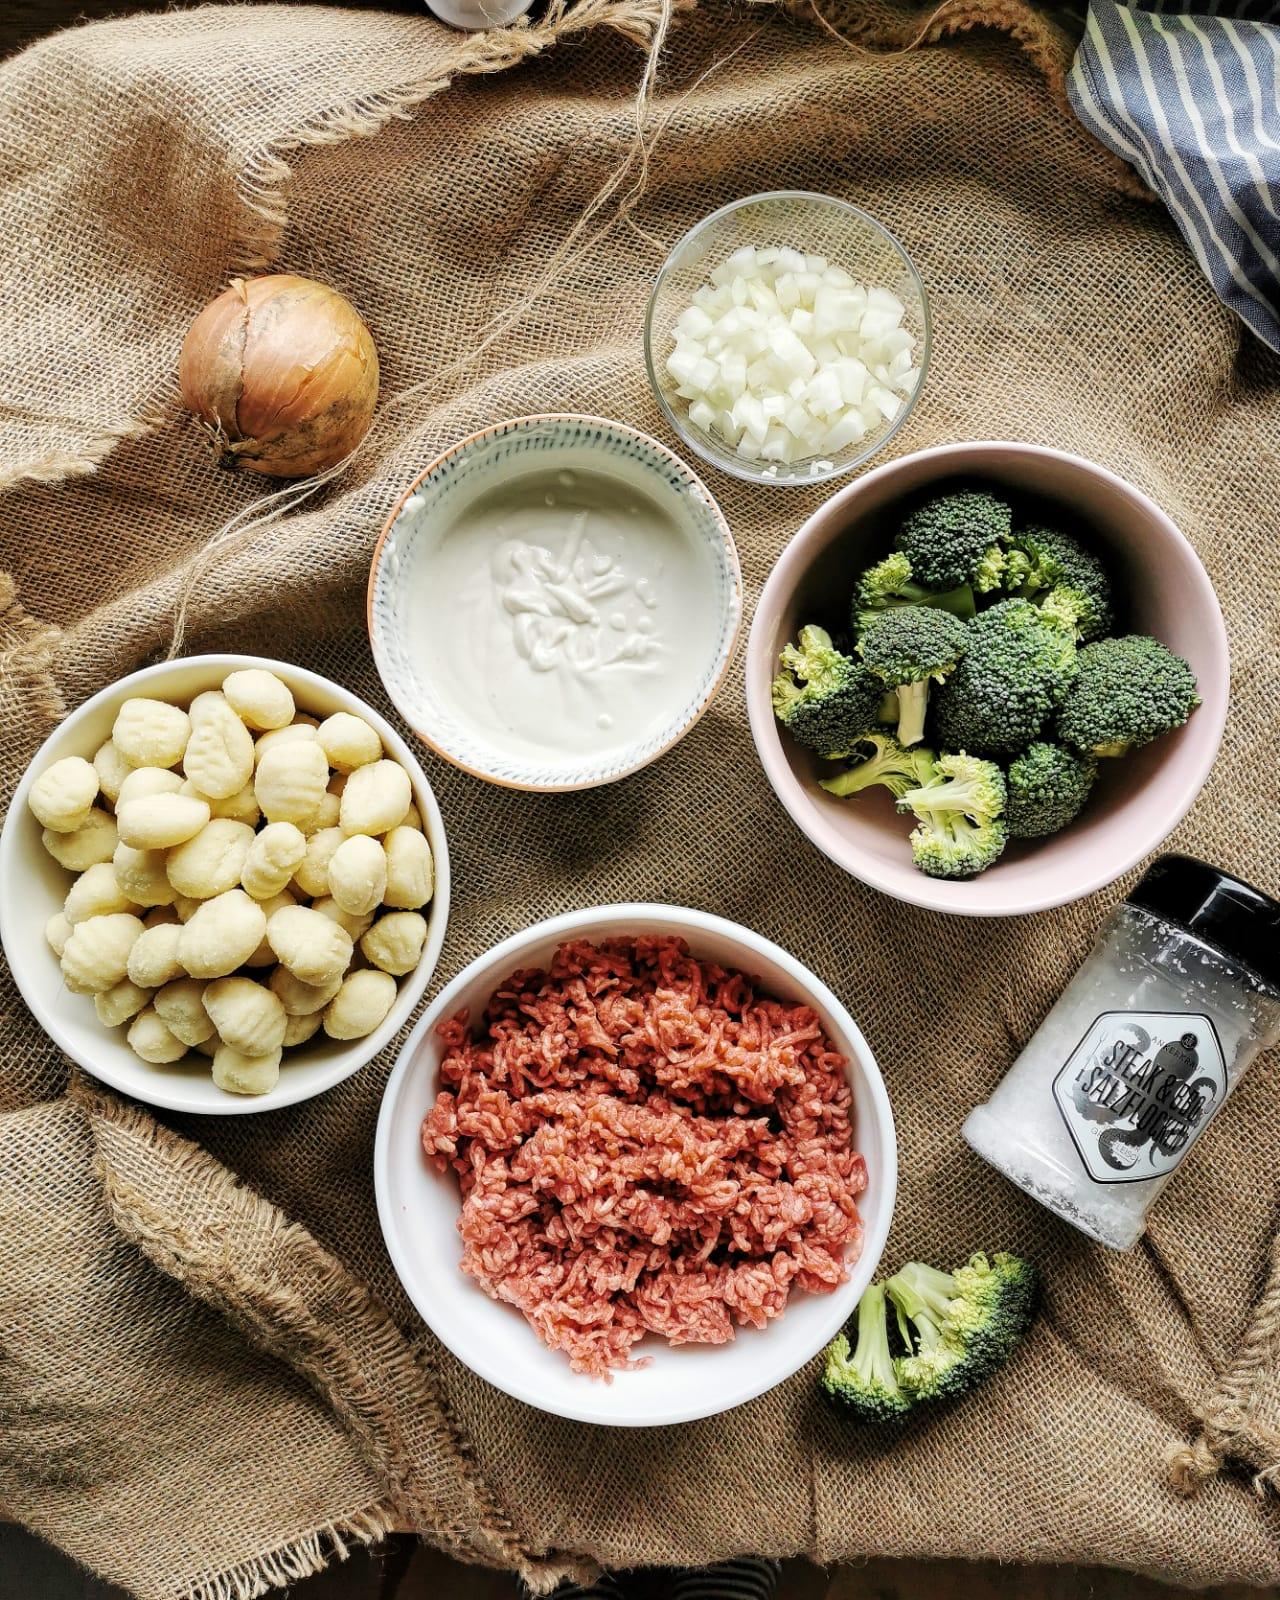 Mit ordentlich Käse überbackenes Soulfood: Gnocchi-Brokkoli-Auflauf mit Hackfleisch, schnell und suuuper lecker